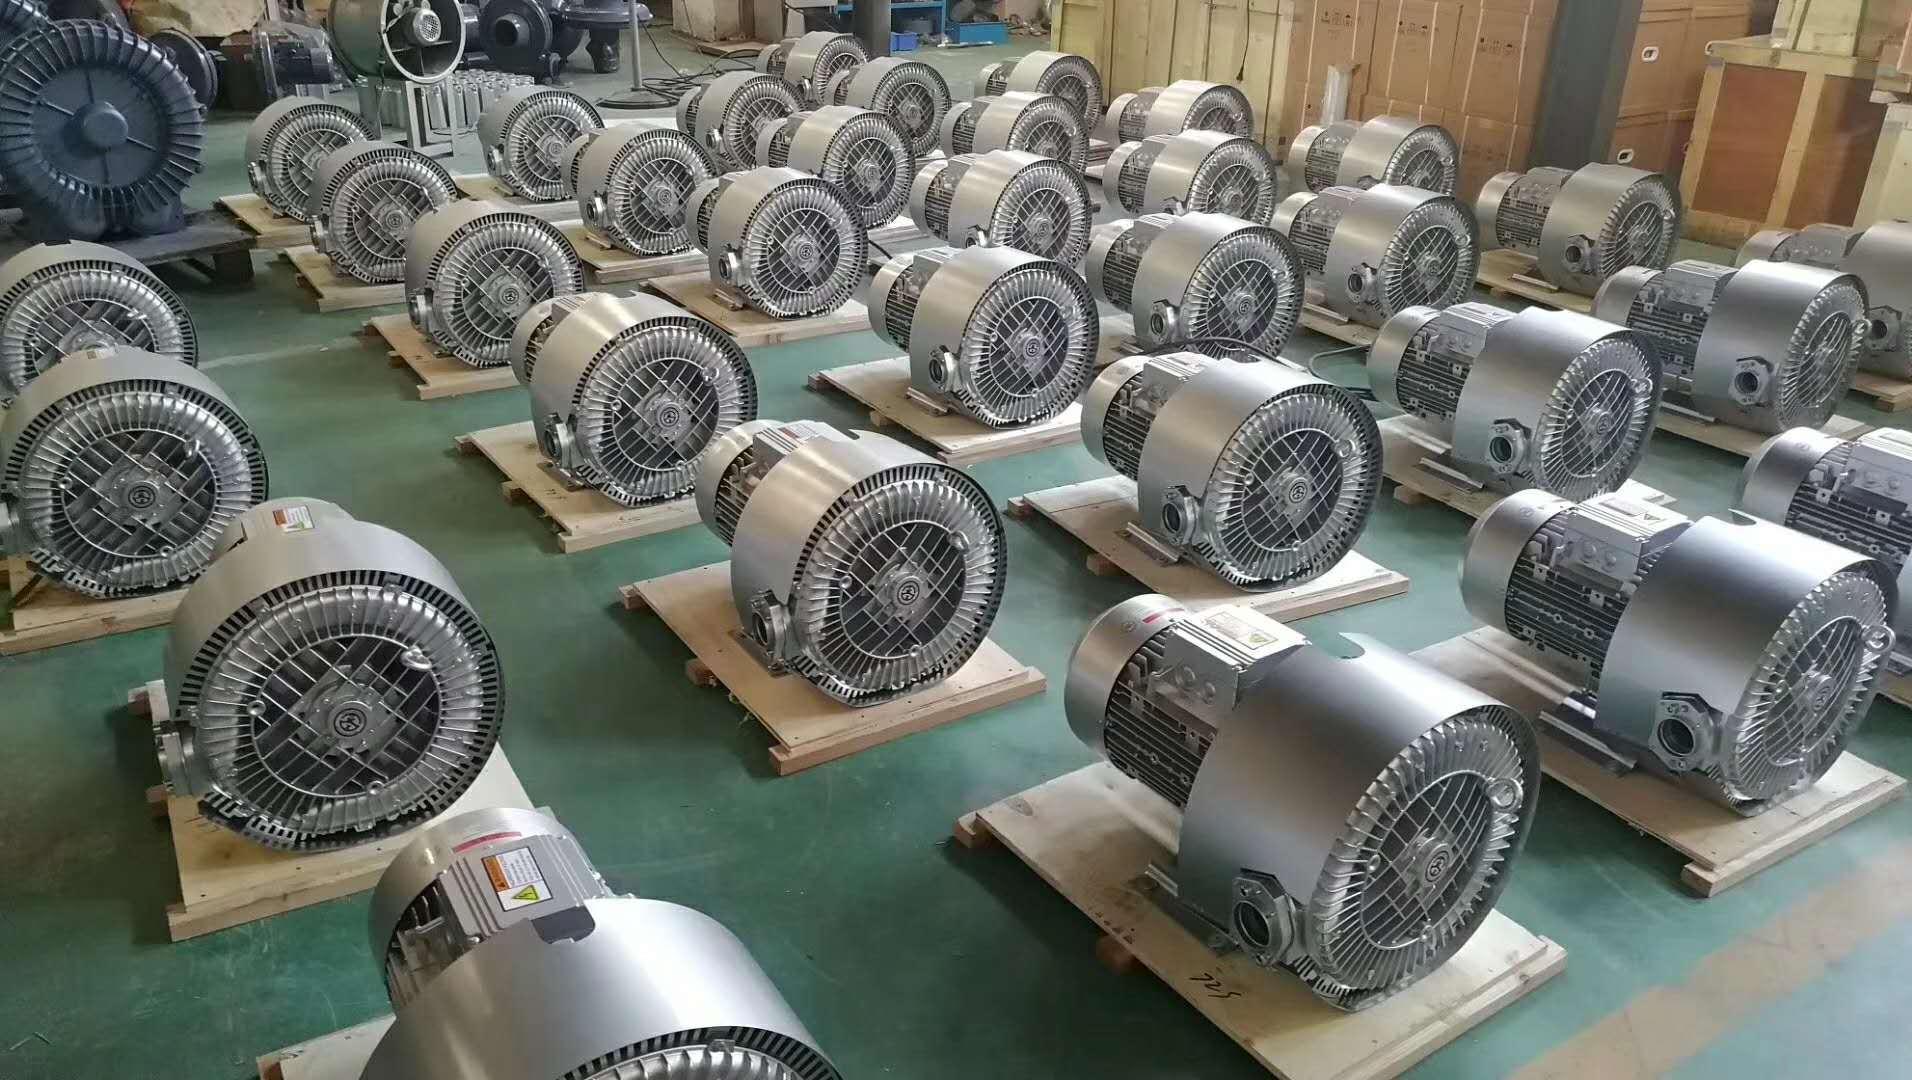 厂家立式 LYX-94S-1旋涡气泵 功率15kw立式高压旋涡气泵 高压旋涡气泵示例图14